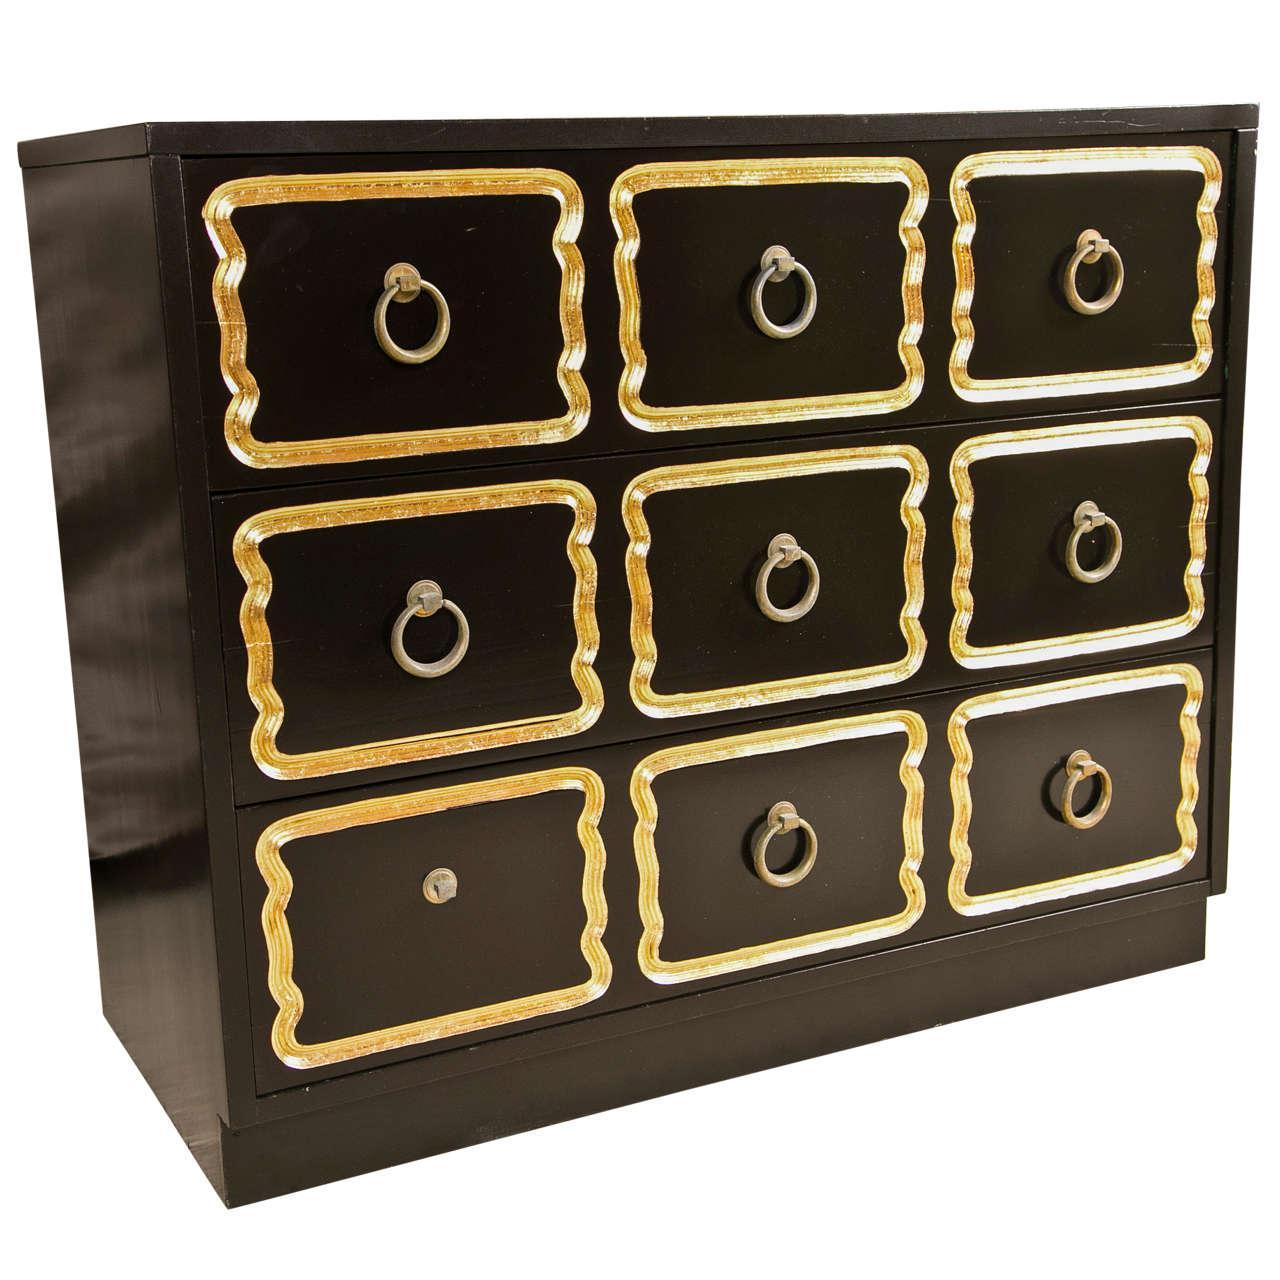 dorothy-draper-ebonized-and-gilt-espana-dresser-2033?aspectu003dfitu0026widthu003d320u0026heightu003d320